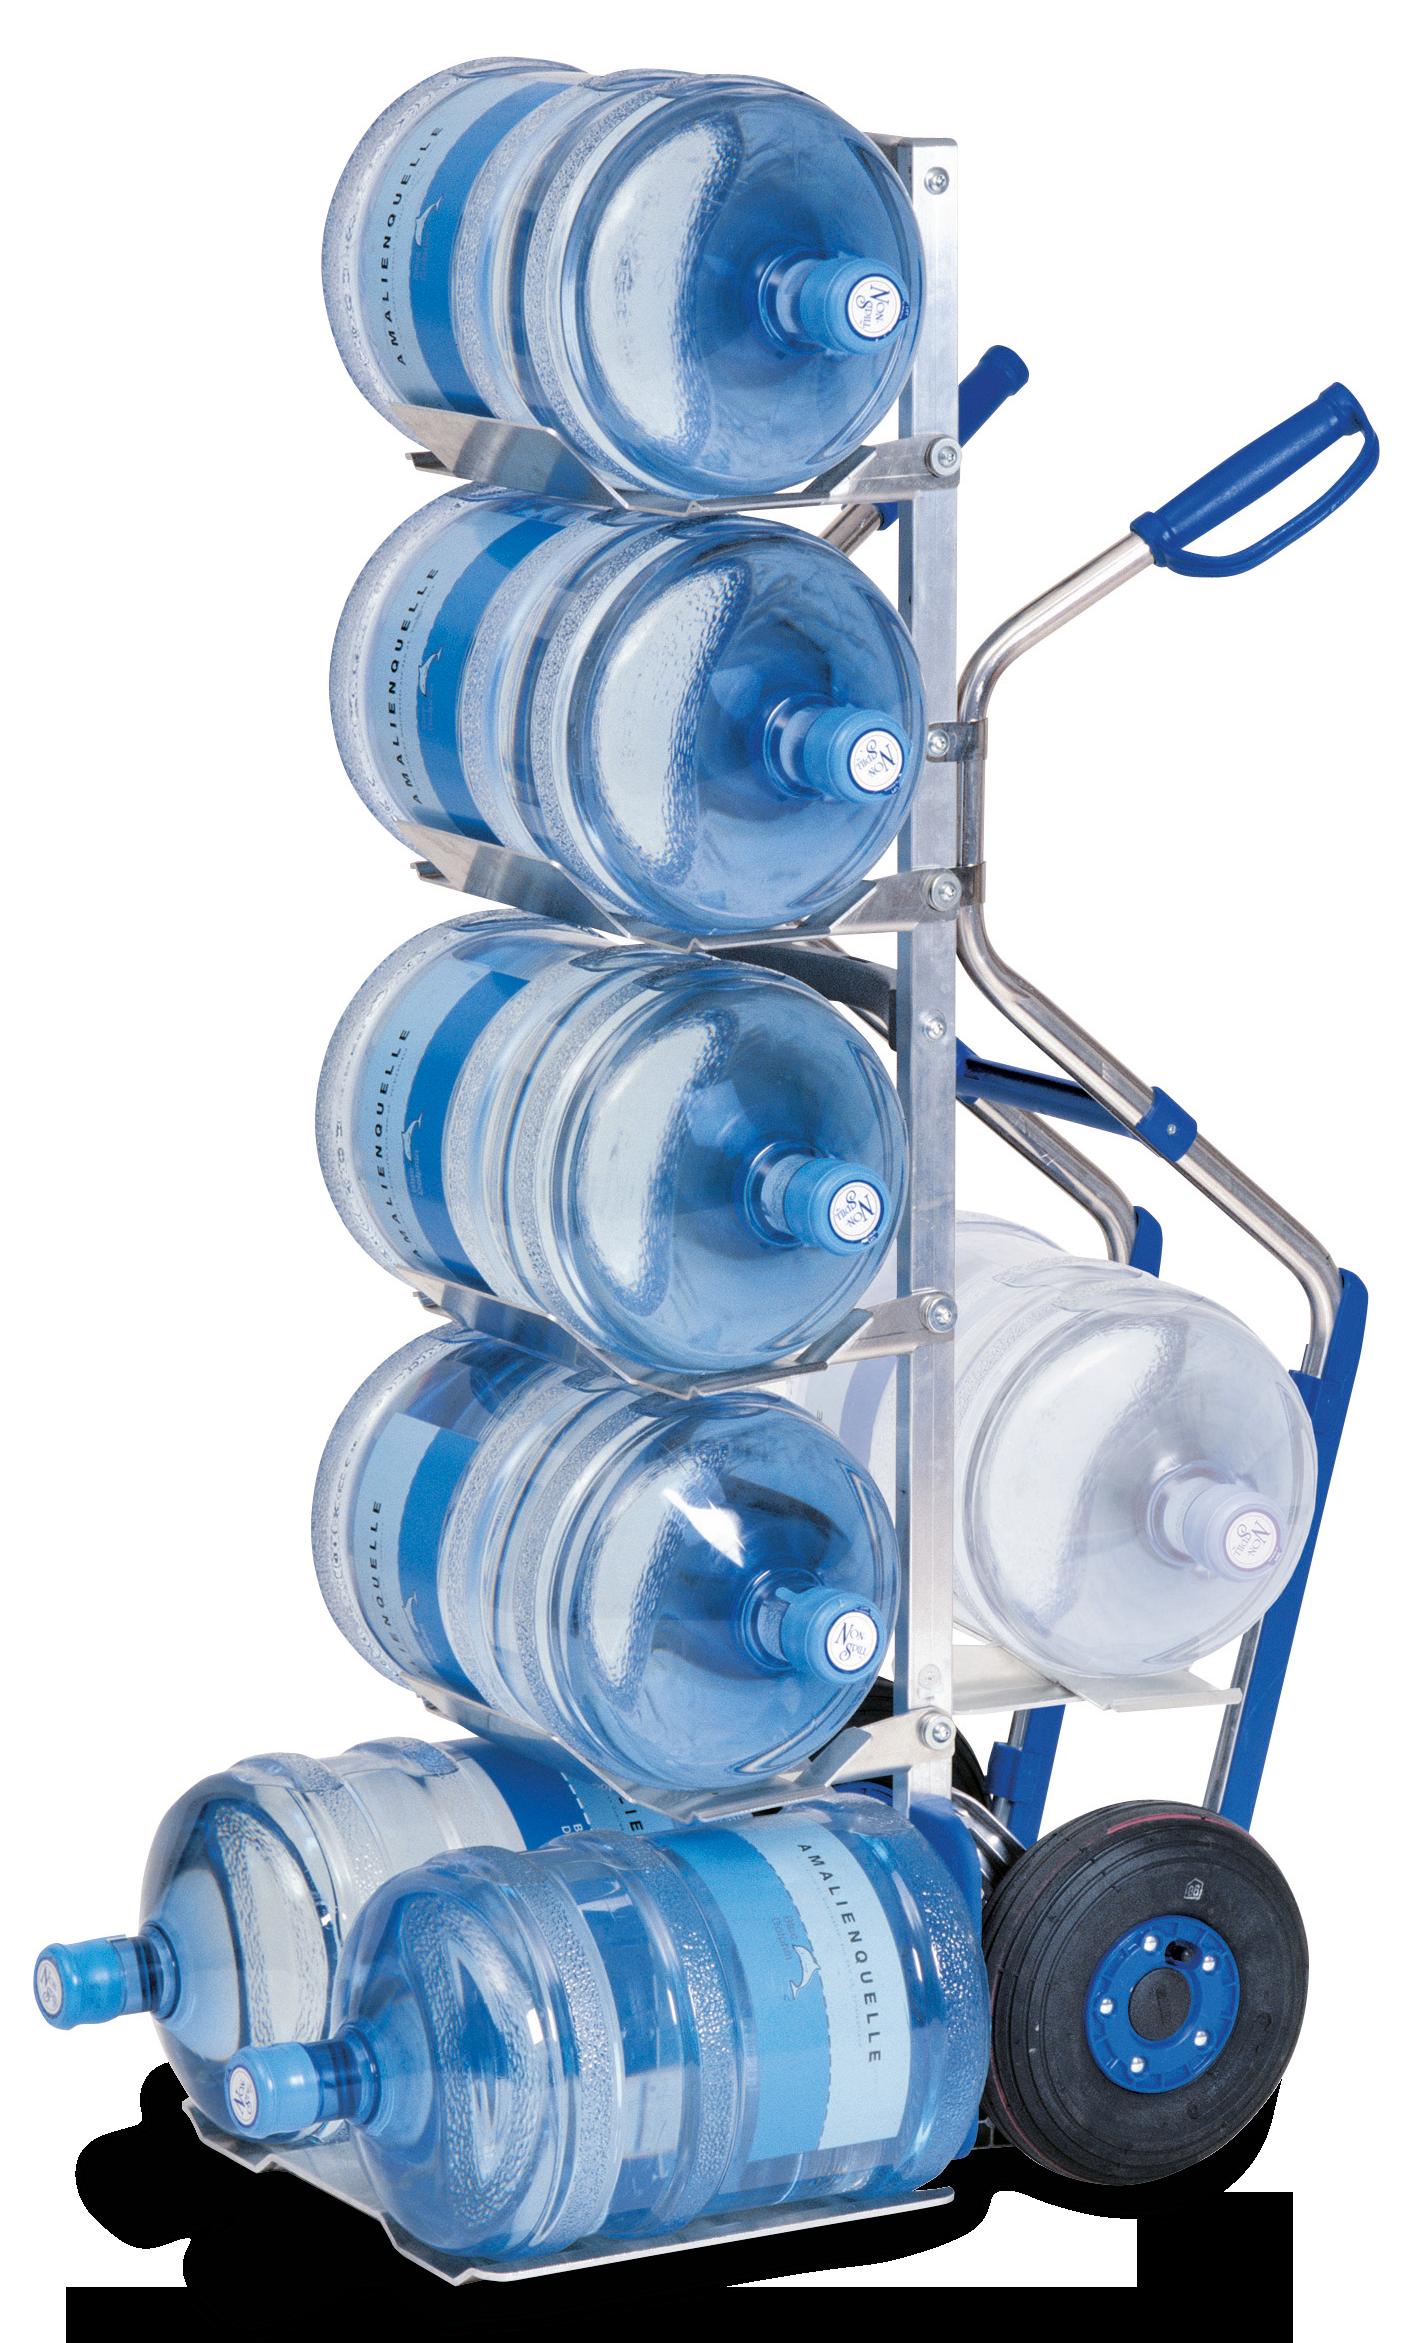 MODULKAR Transportkarren mit Pistolengriffen und Gleitkufen als Wasserflaschenkarre für 7 Flaschen